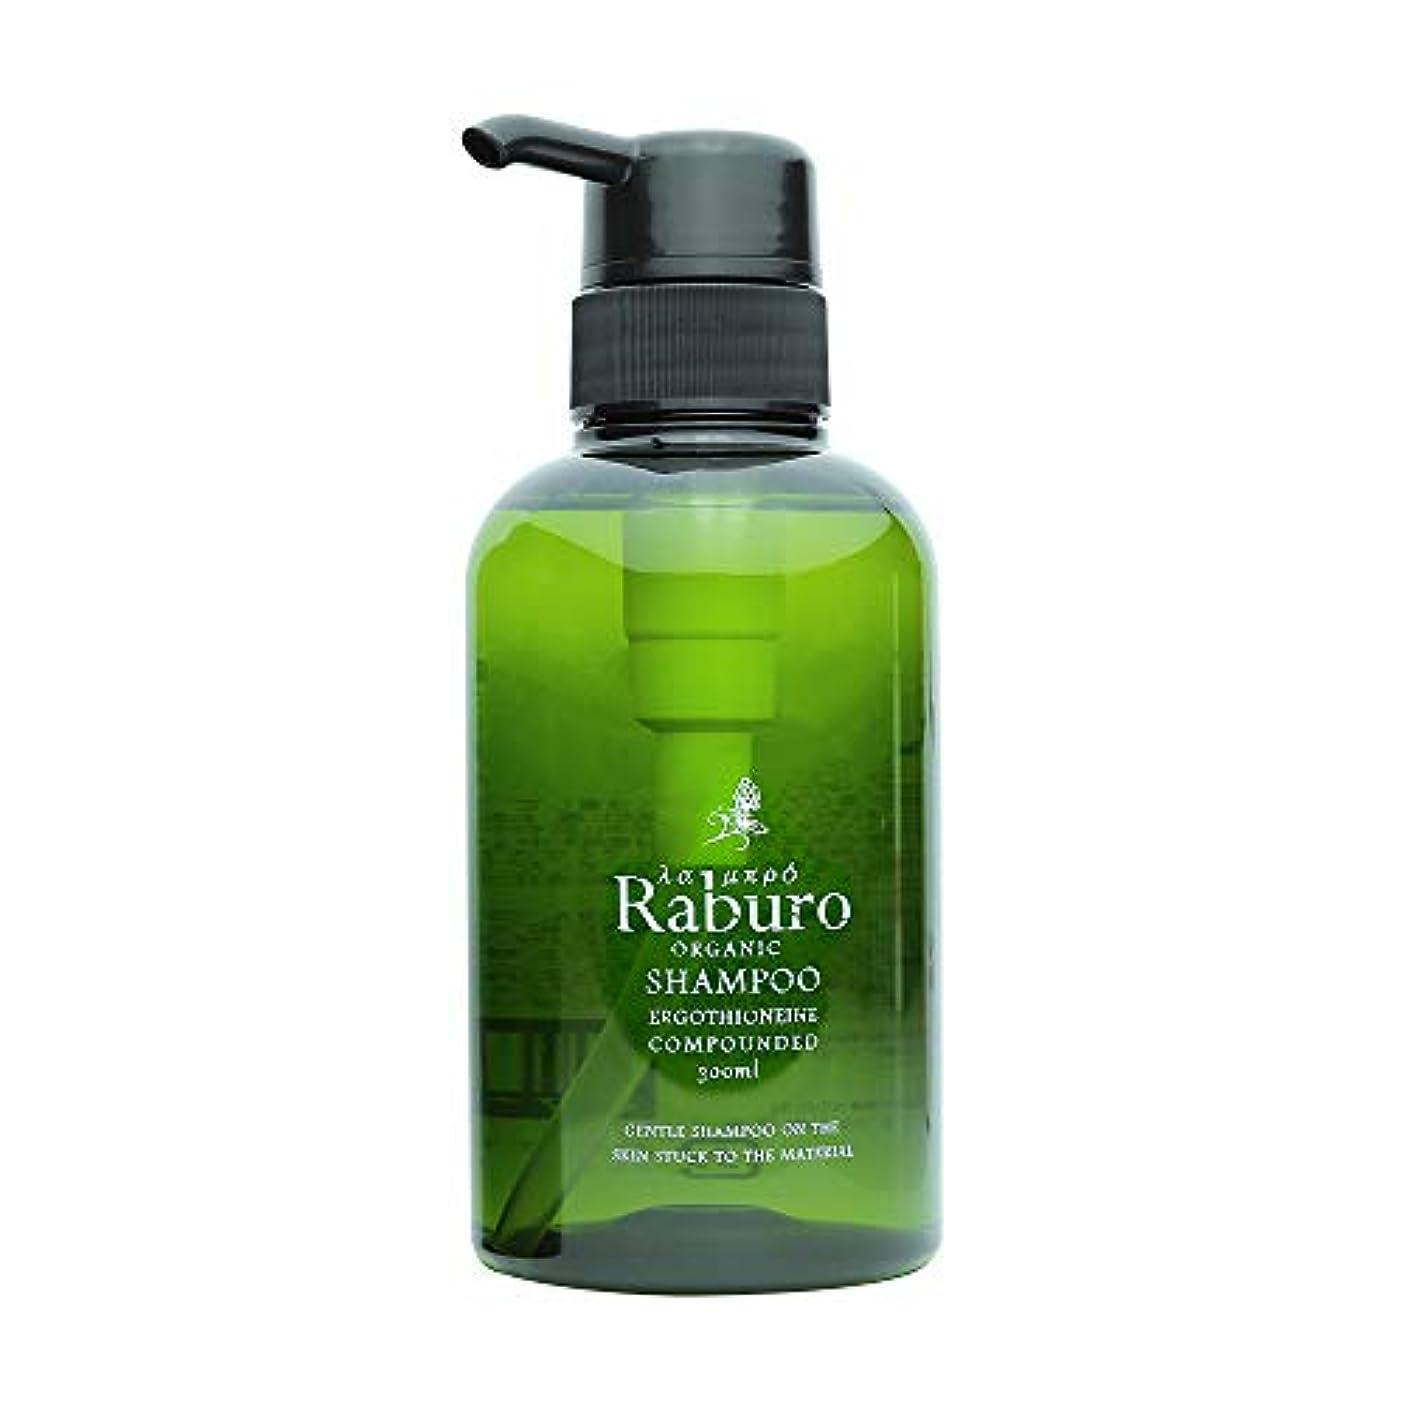 不愉快に影響を受けやすいです有効ラブロ(Raburo)オーガニックシャンプー 300ml 【男性/女性/子供兼用】髪と頭皮にやさしい15の無添加 低刺激 弱酸性 アミノ酸 ノンシリコン 天然由来成分